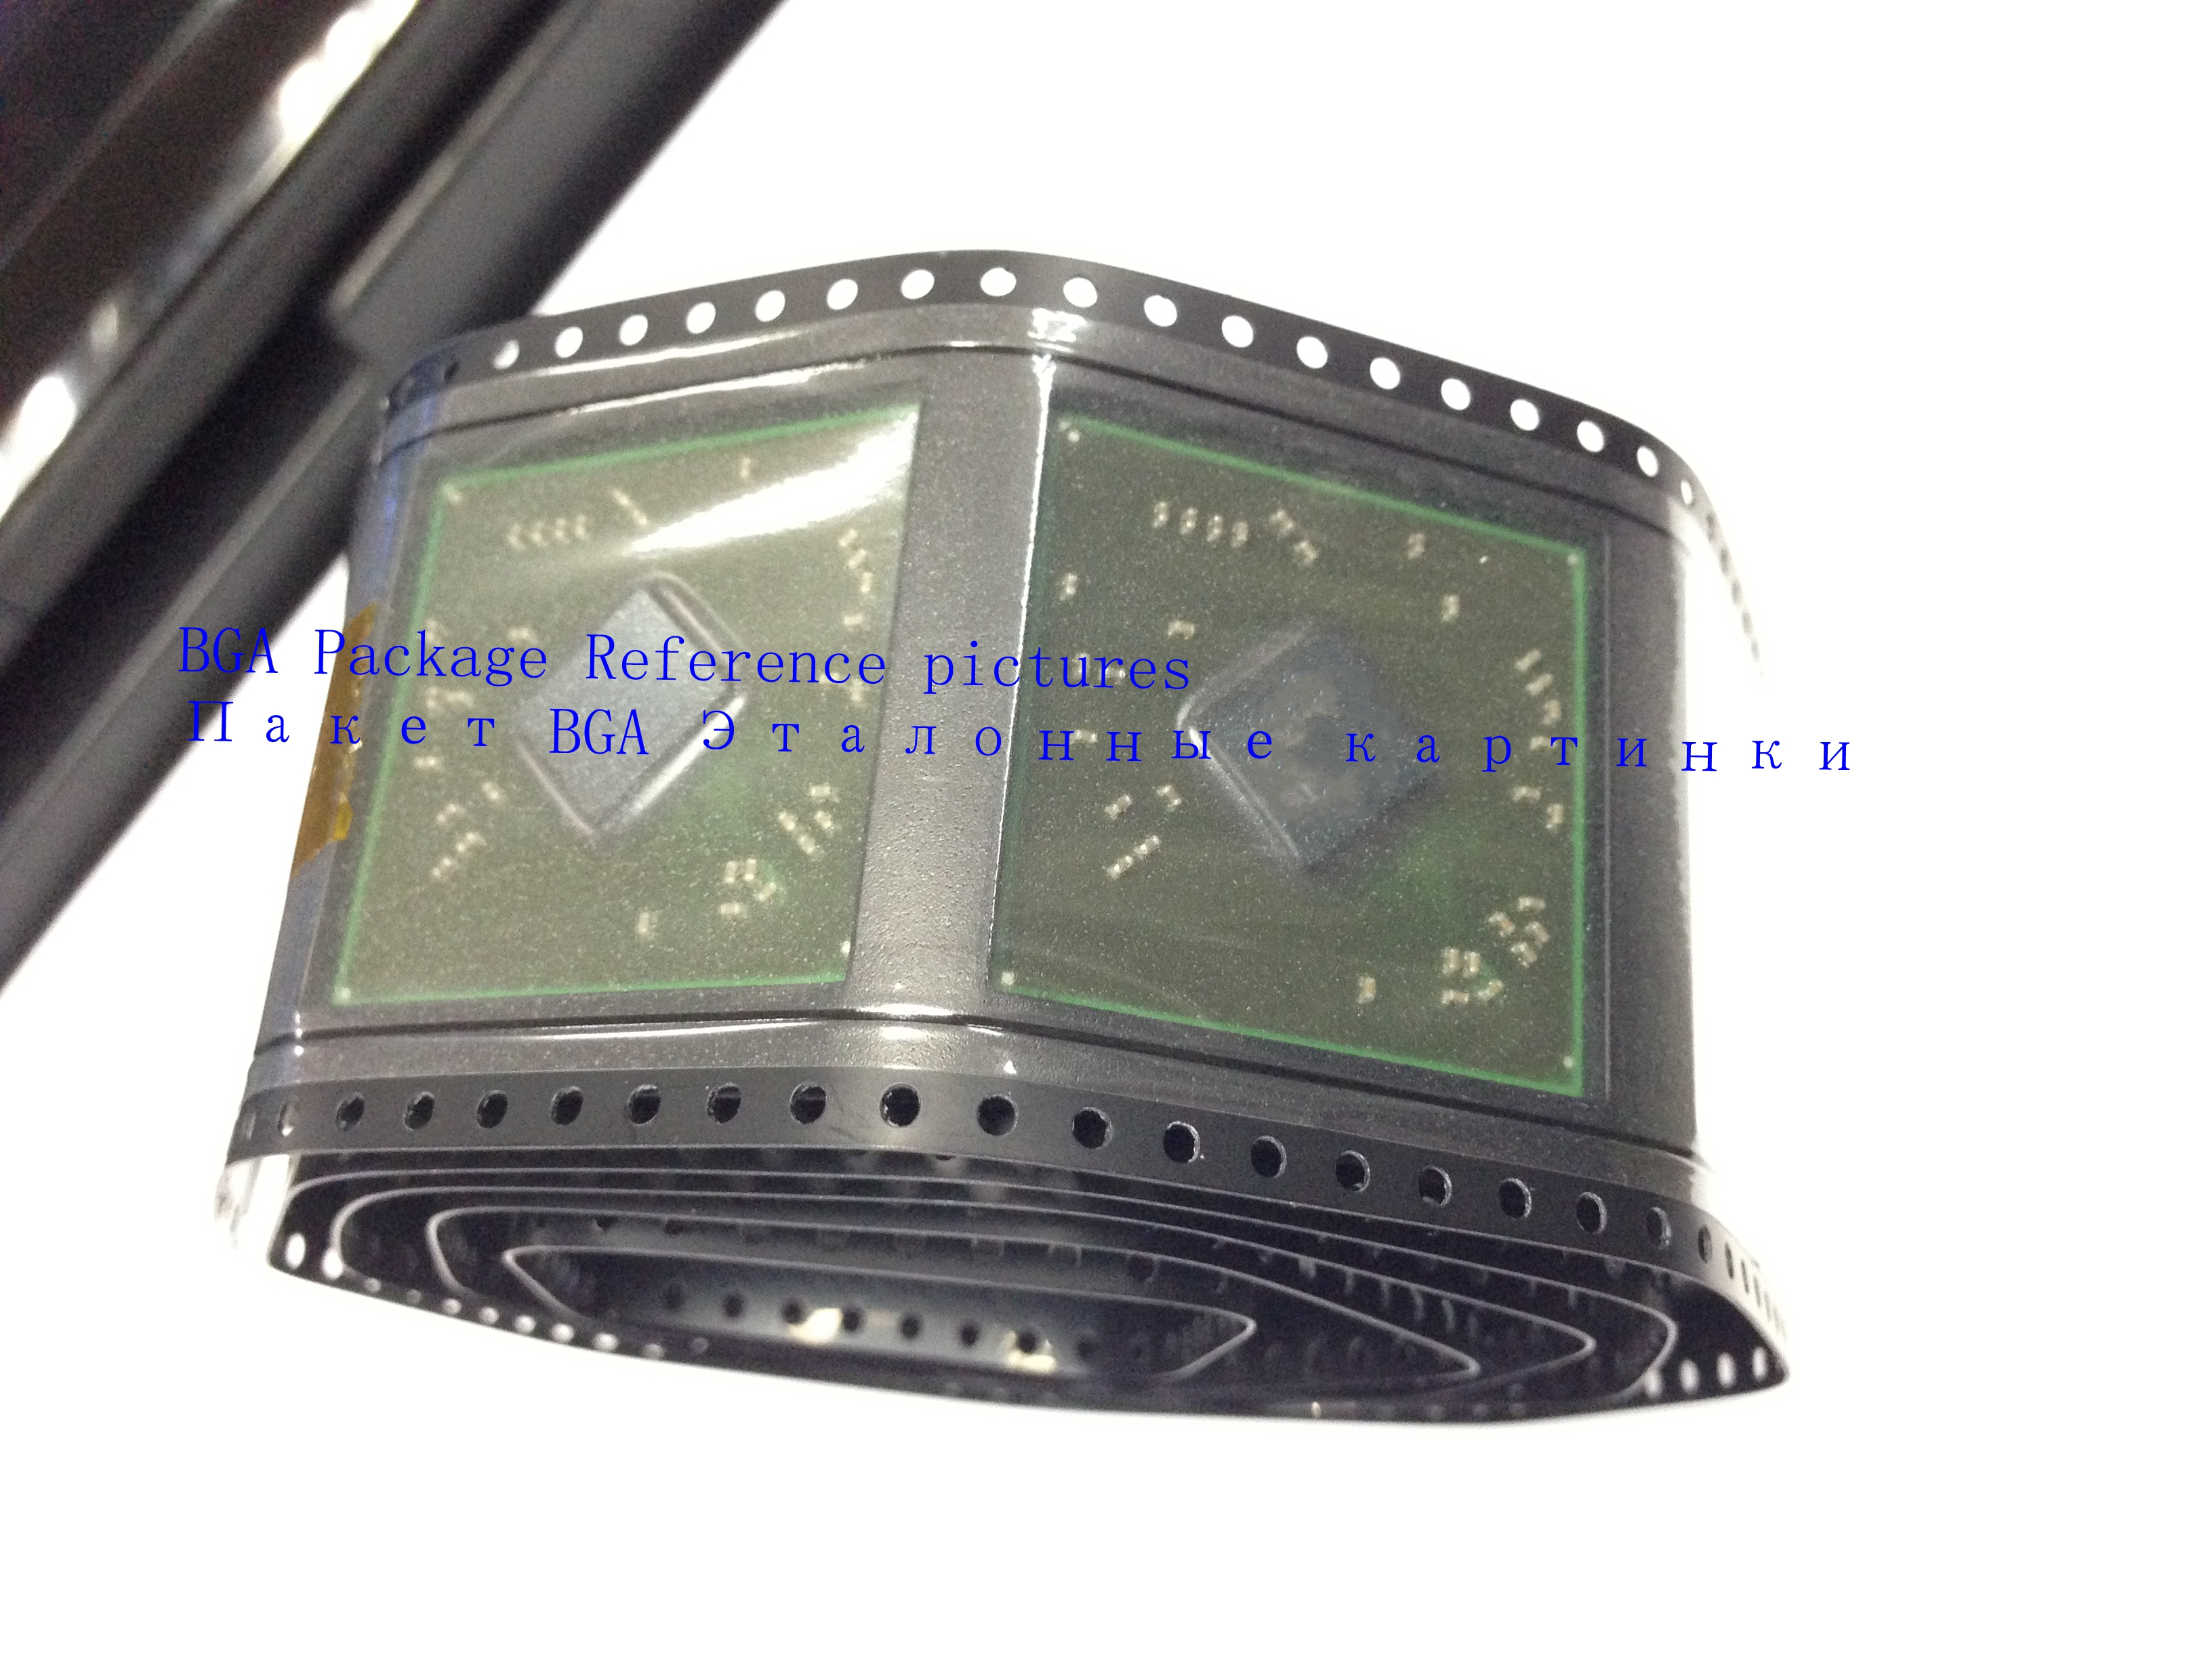 1pcs/lot 100% New BD82HM55 SLGZS BGA Chipset1pcs/lot 100% New BD82HM55 SLGZS BGA Chipset